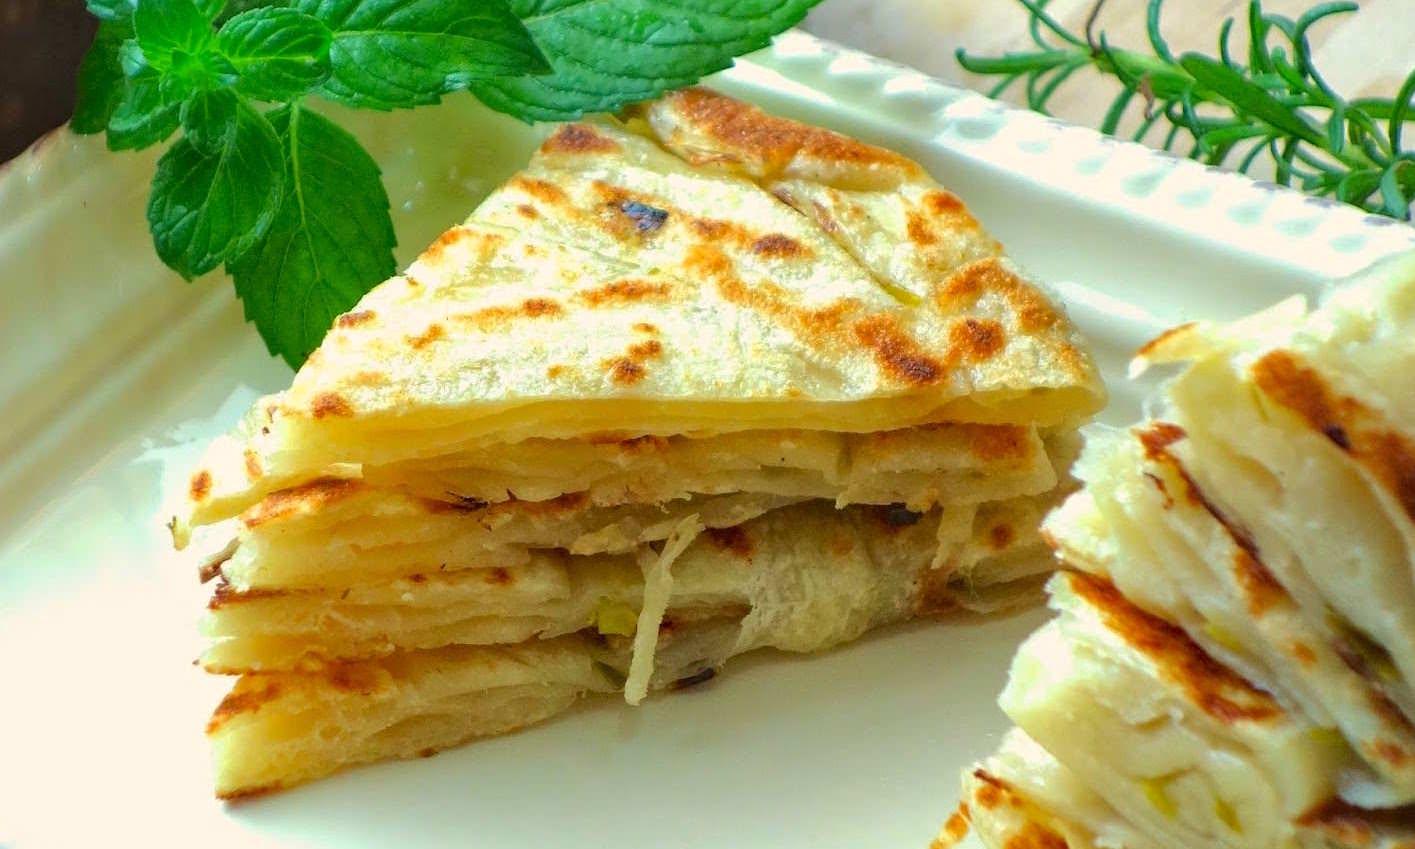 兩種蔥油餅的做法,咬一口滿嘴蔥香酥脆,夜市蔥油餅的小撇步!